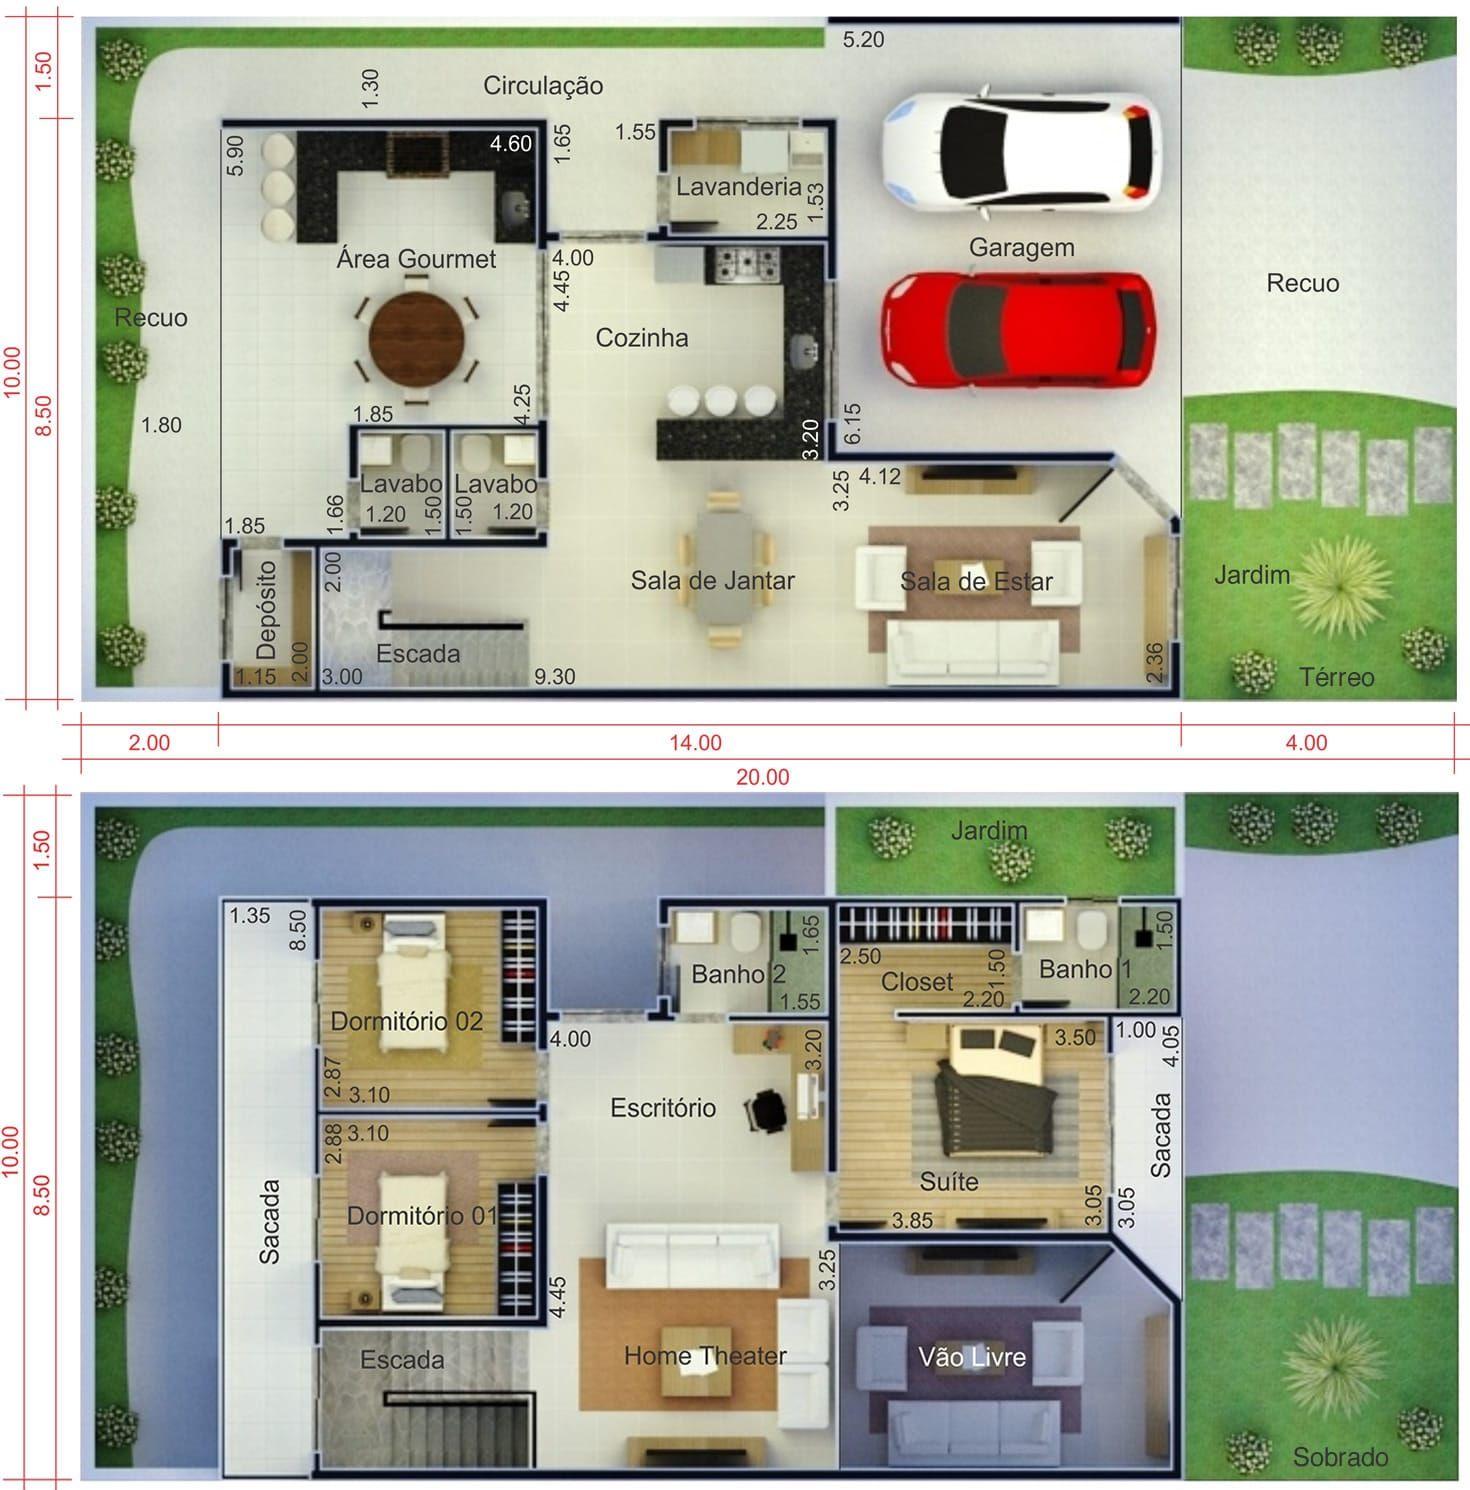 Planta de sobrado com varanda planta para terreno 10x20 for Planta de casa de dos pisos